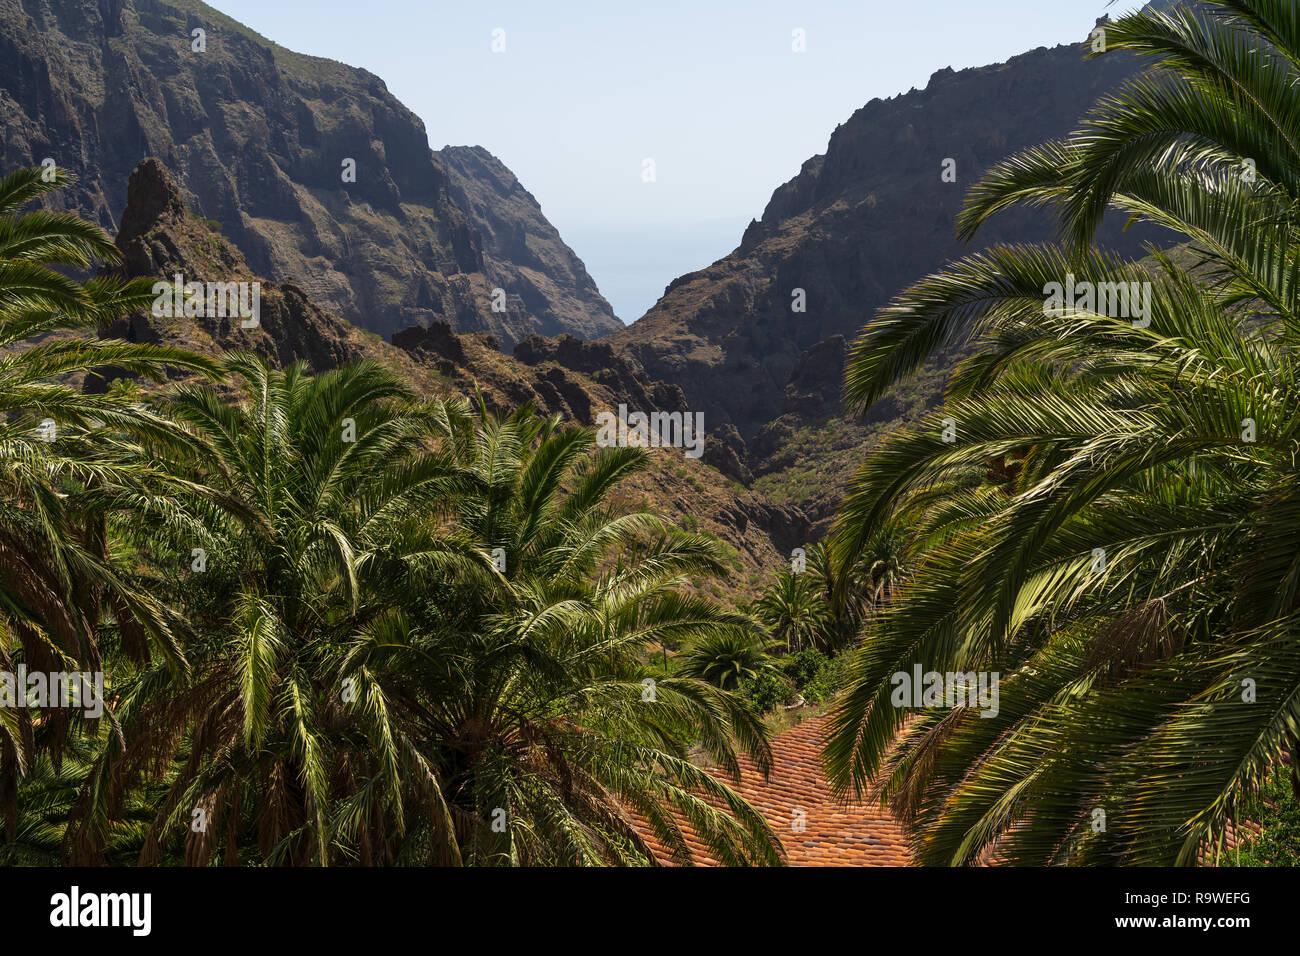 Die Vew der den Berg Macizo de Teno Gebirge und Masca Schlucht. Teneriffa. Kanarischen Inseln. Spanien. Stockbild